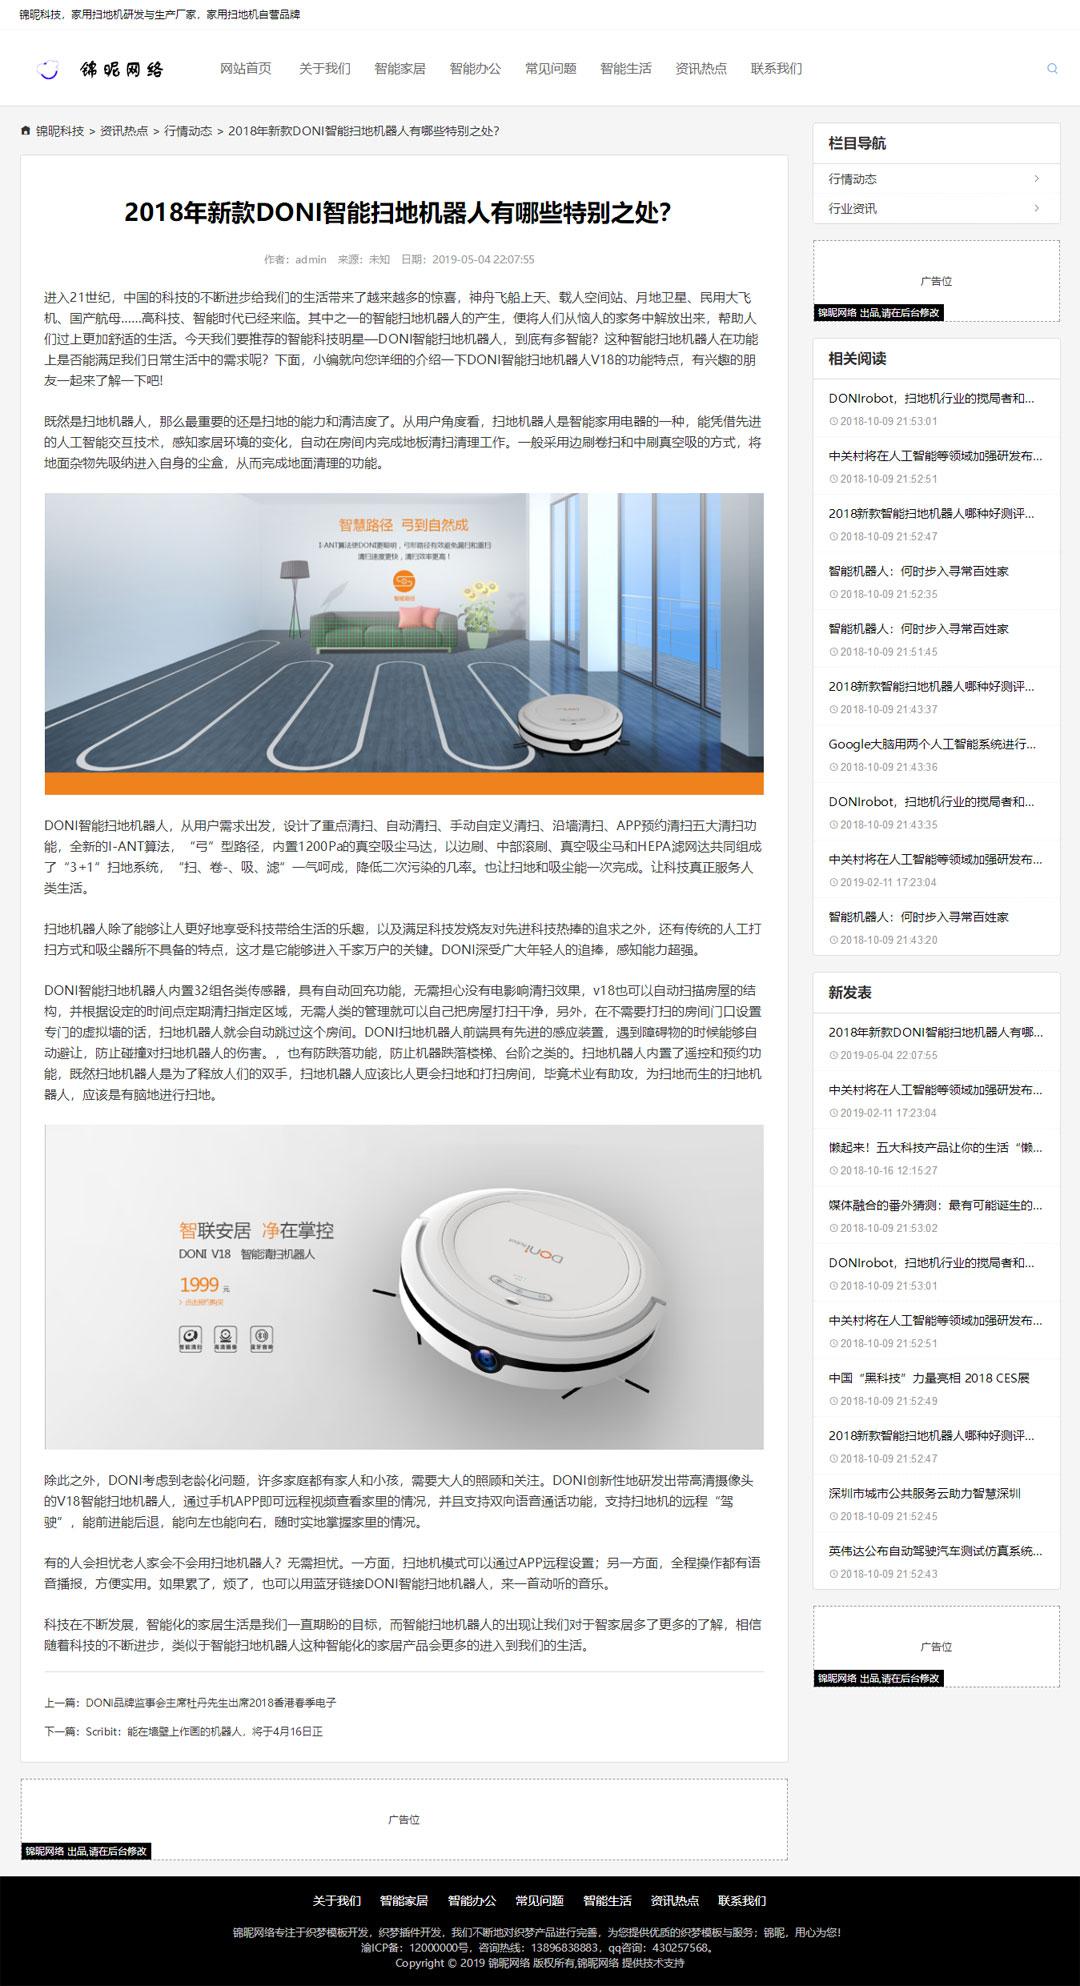 锦昵科技 自适应织梦个人博客系统模板热卖decms神马百度Mip源码收录排名好-第4张